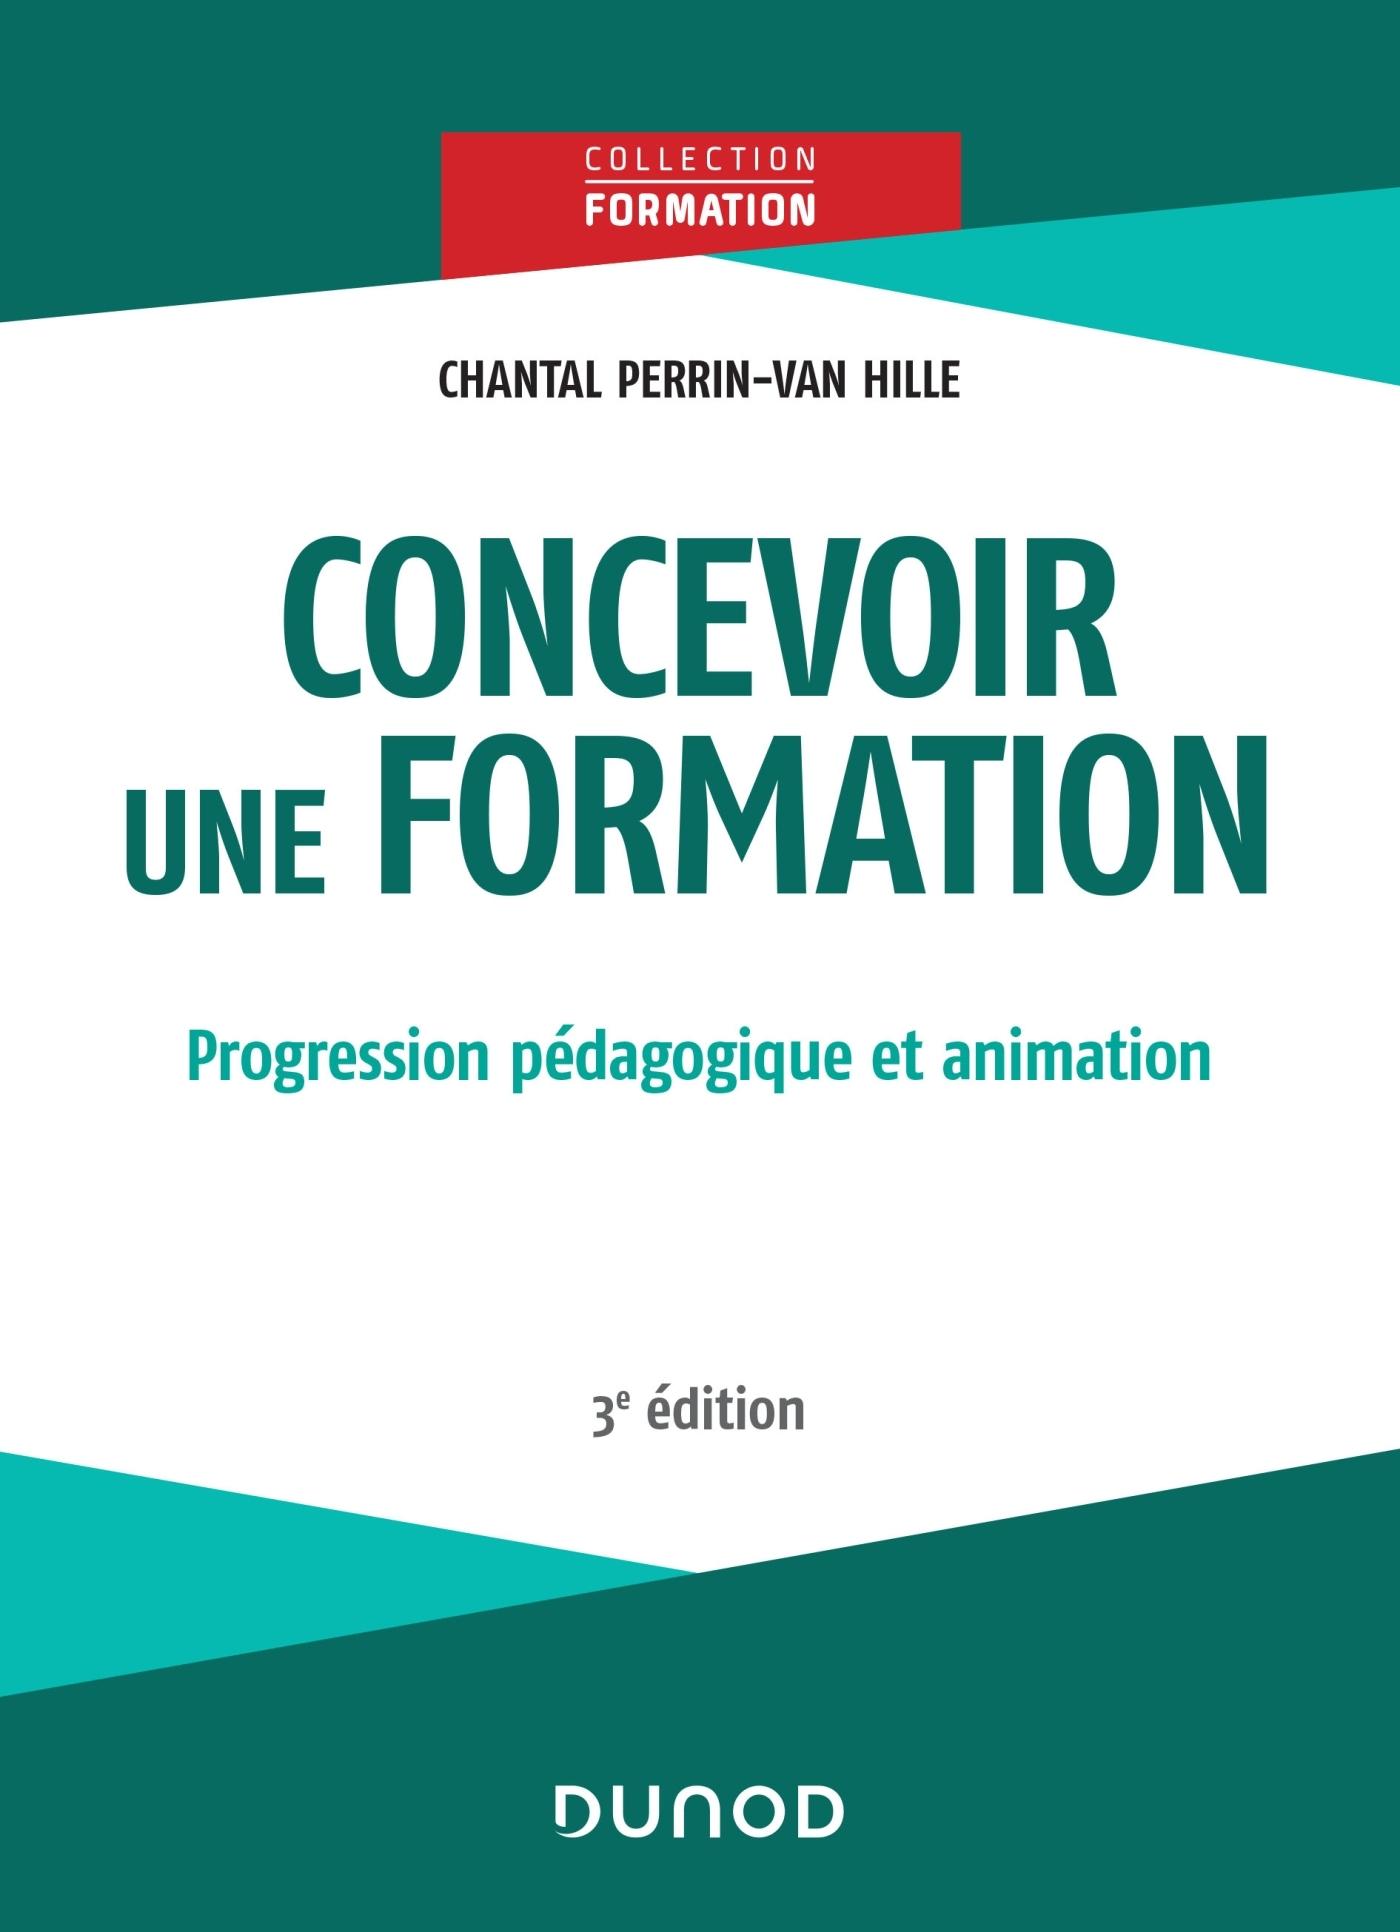 CONCEVOIR UNE FORMATION - 3E ED. - PROGRESSION PEDAGOGIQUE ET ANIMATION